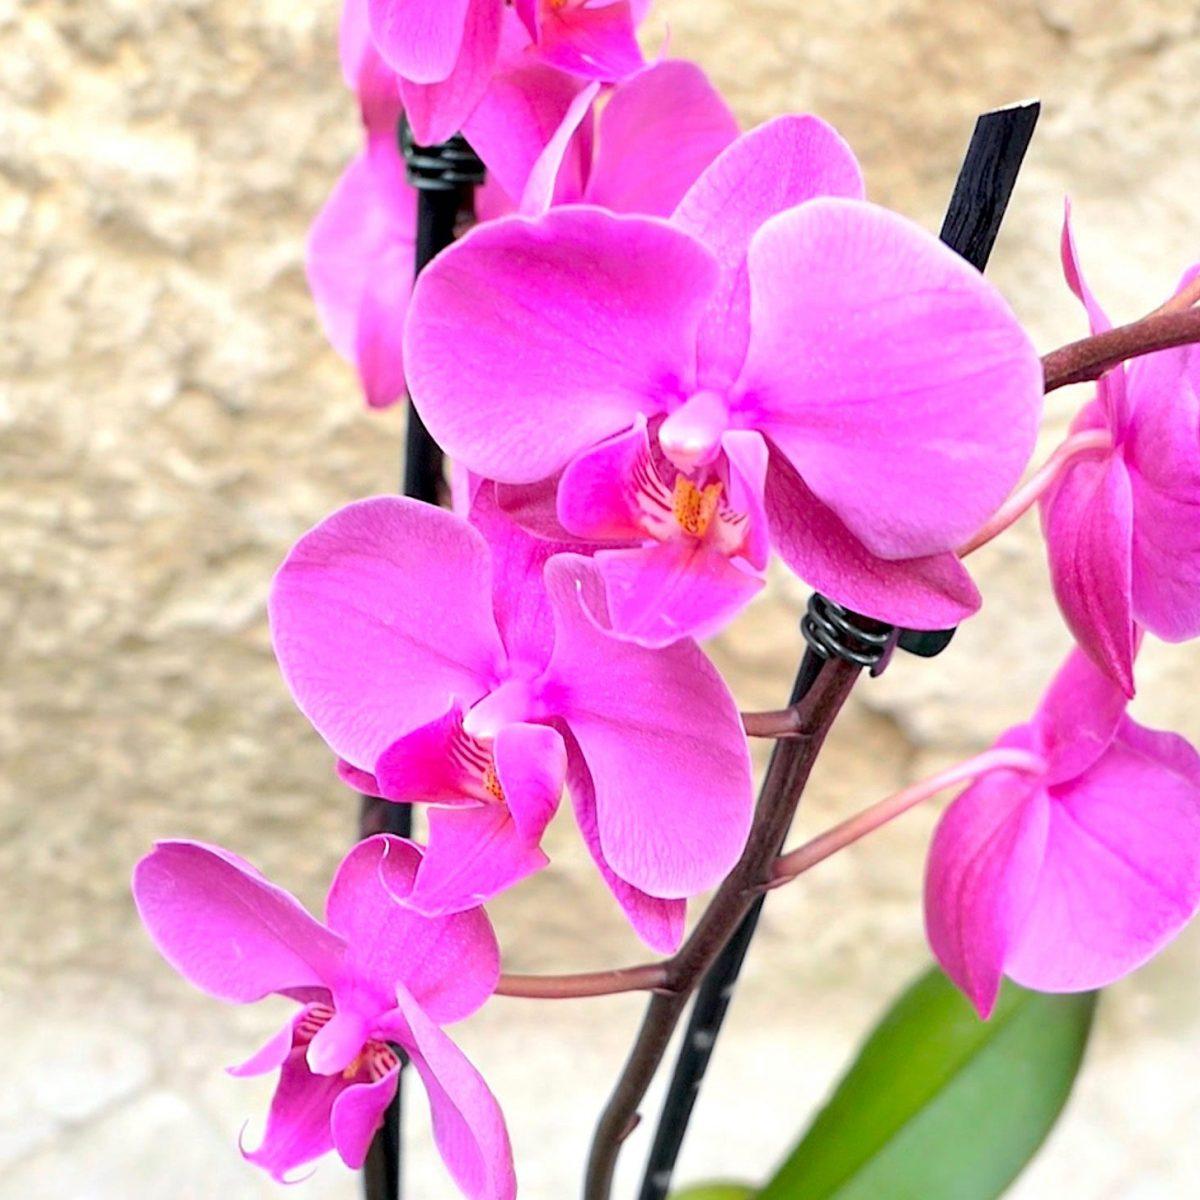 Come Far Morire Una Pianta orchidea: i segreti per coltivarla in casa e non farla